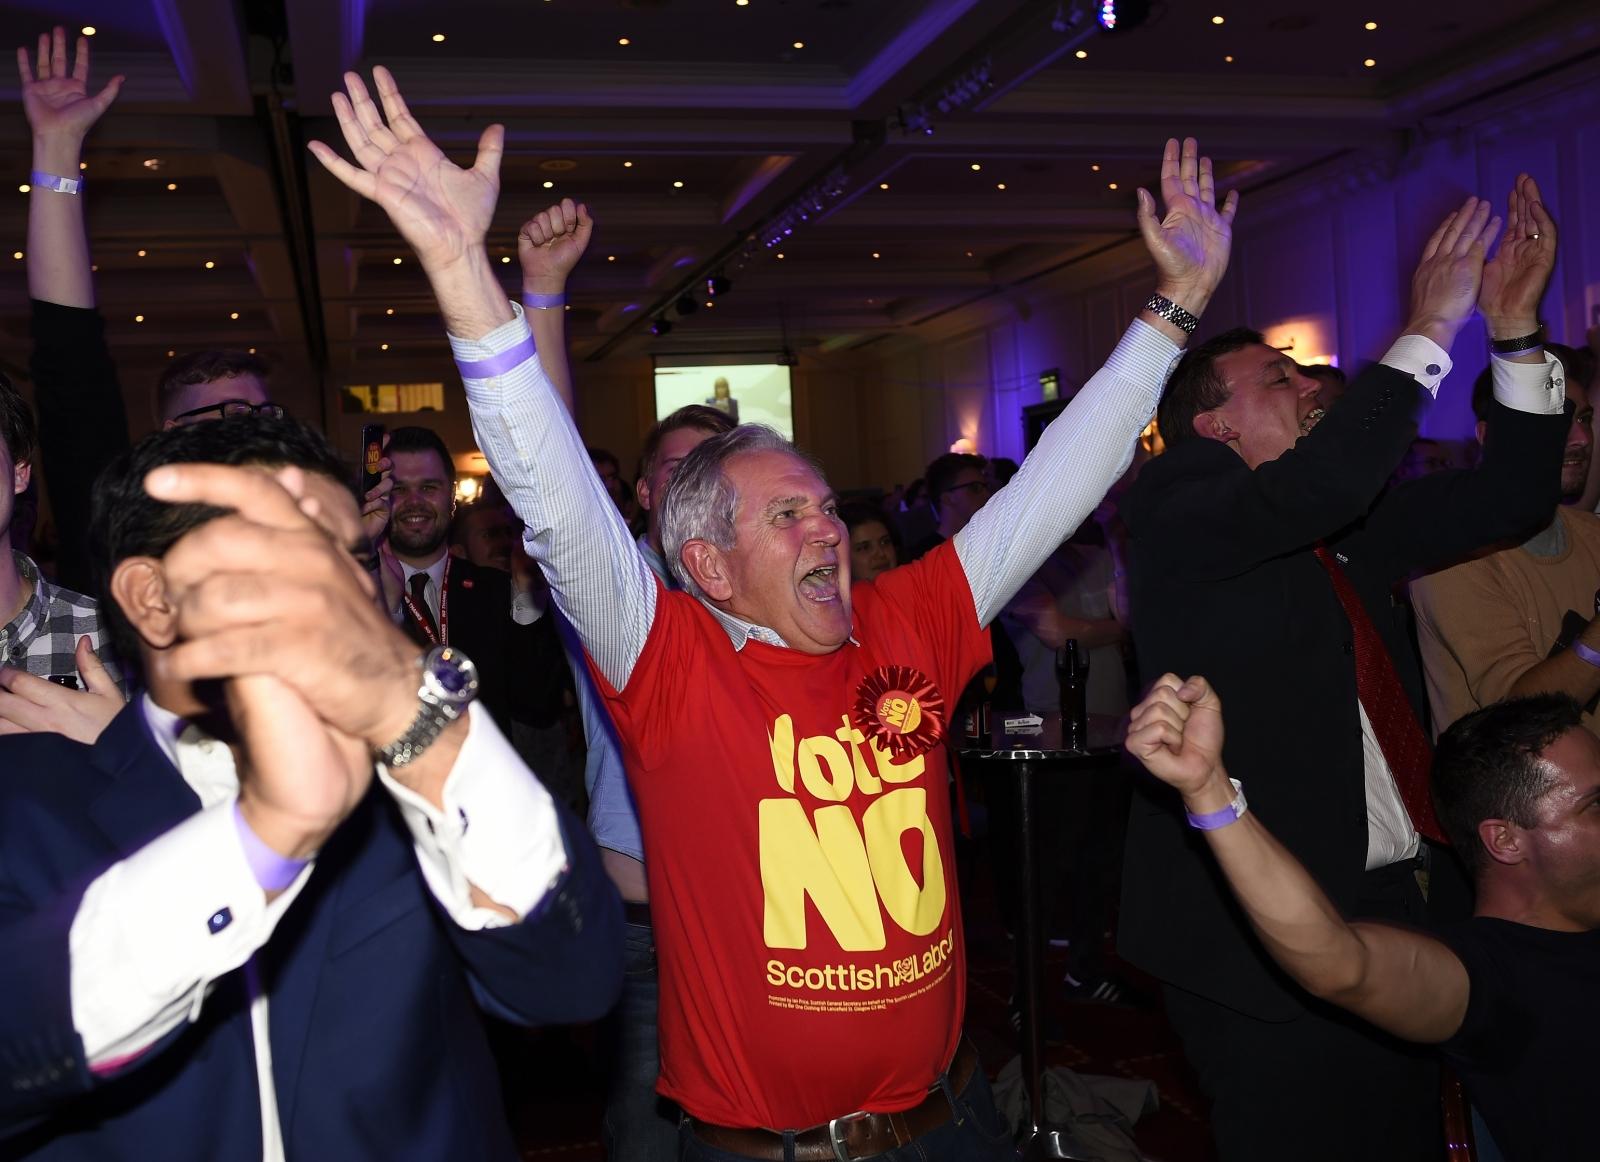 Scotland no voters